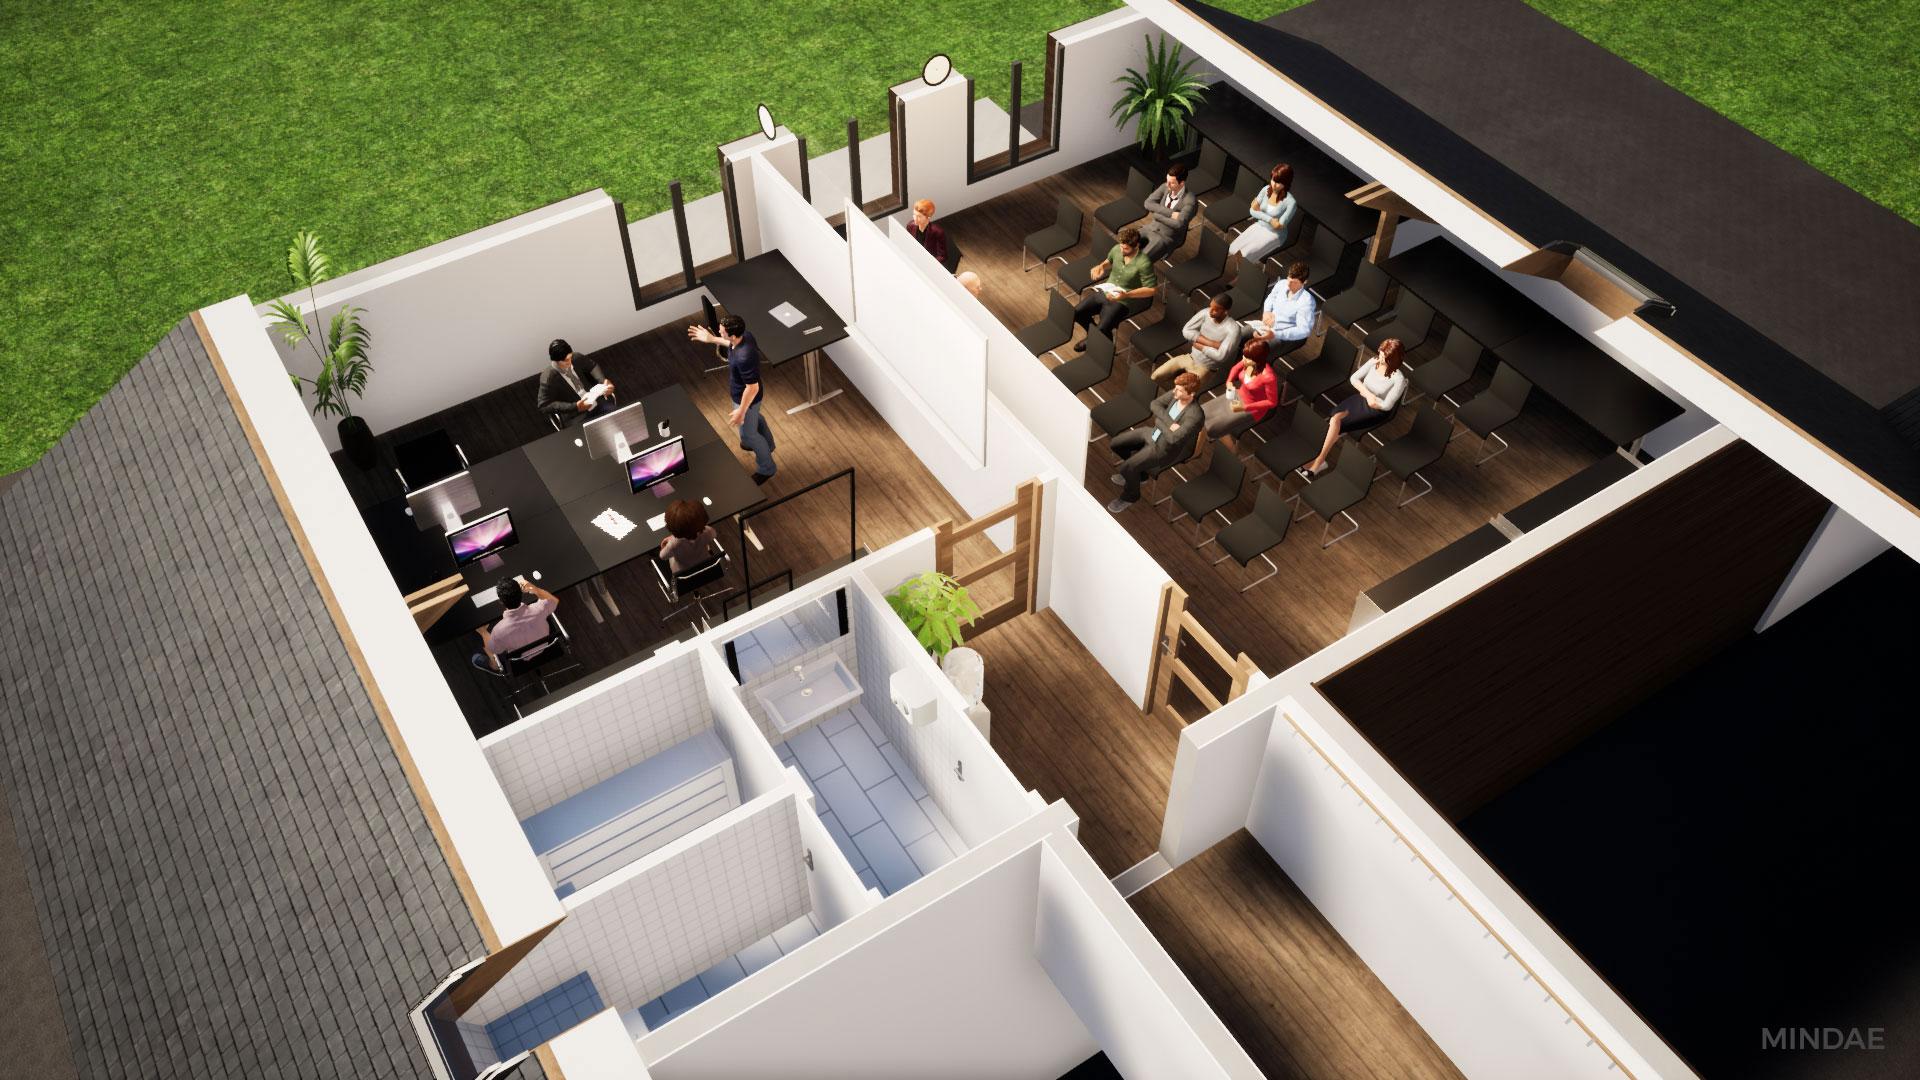 Mindae_golf_caen_3D_espace_bureaux_professionnel_conference-(2)